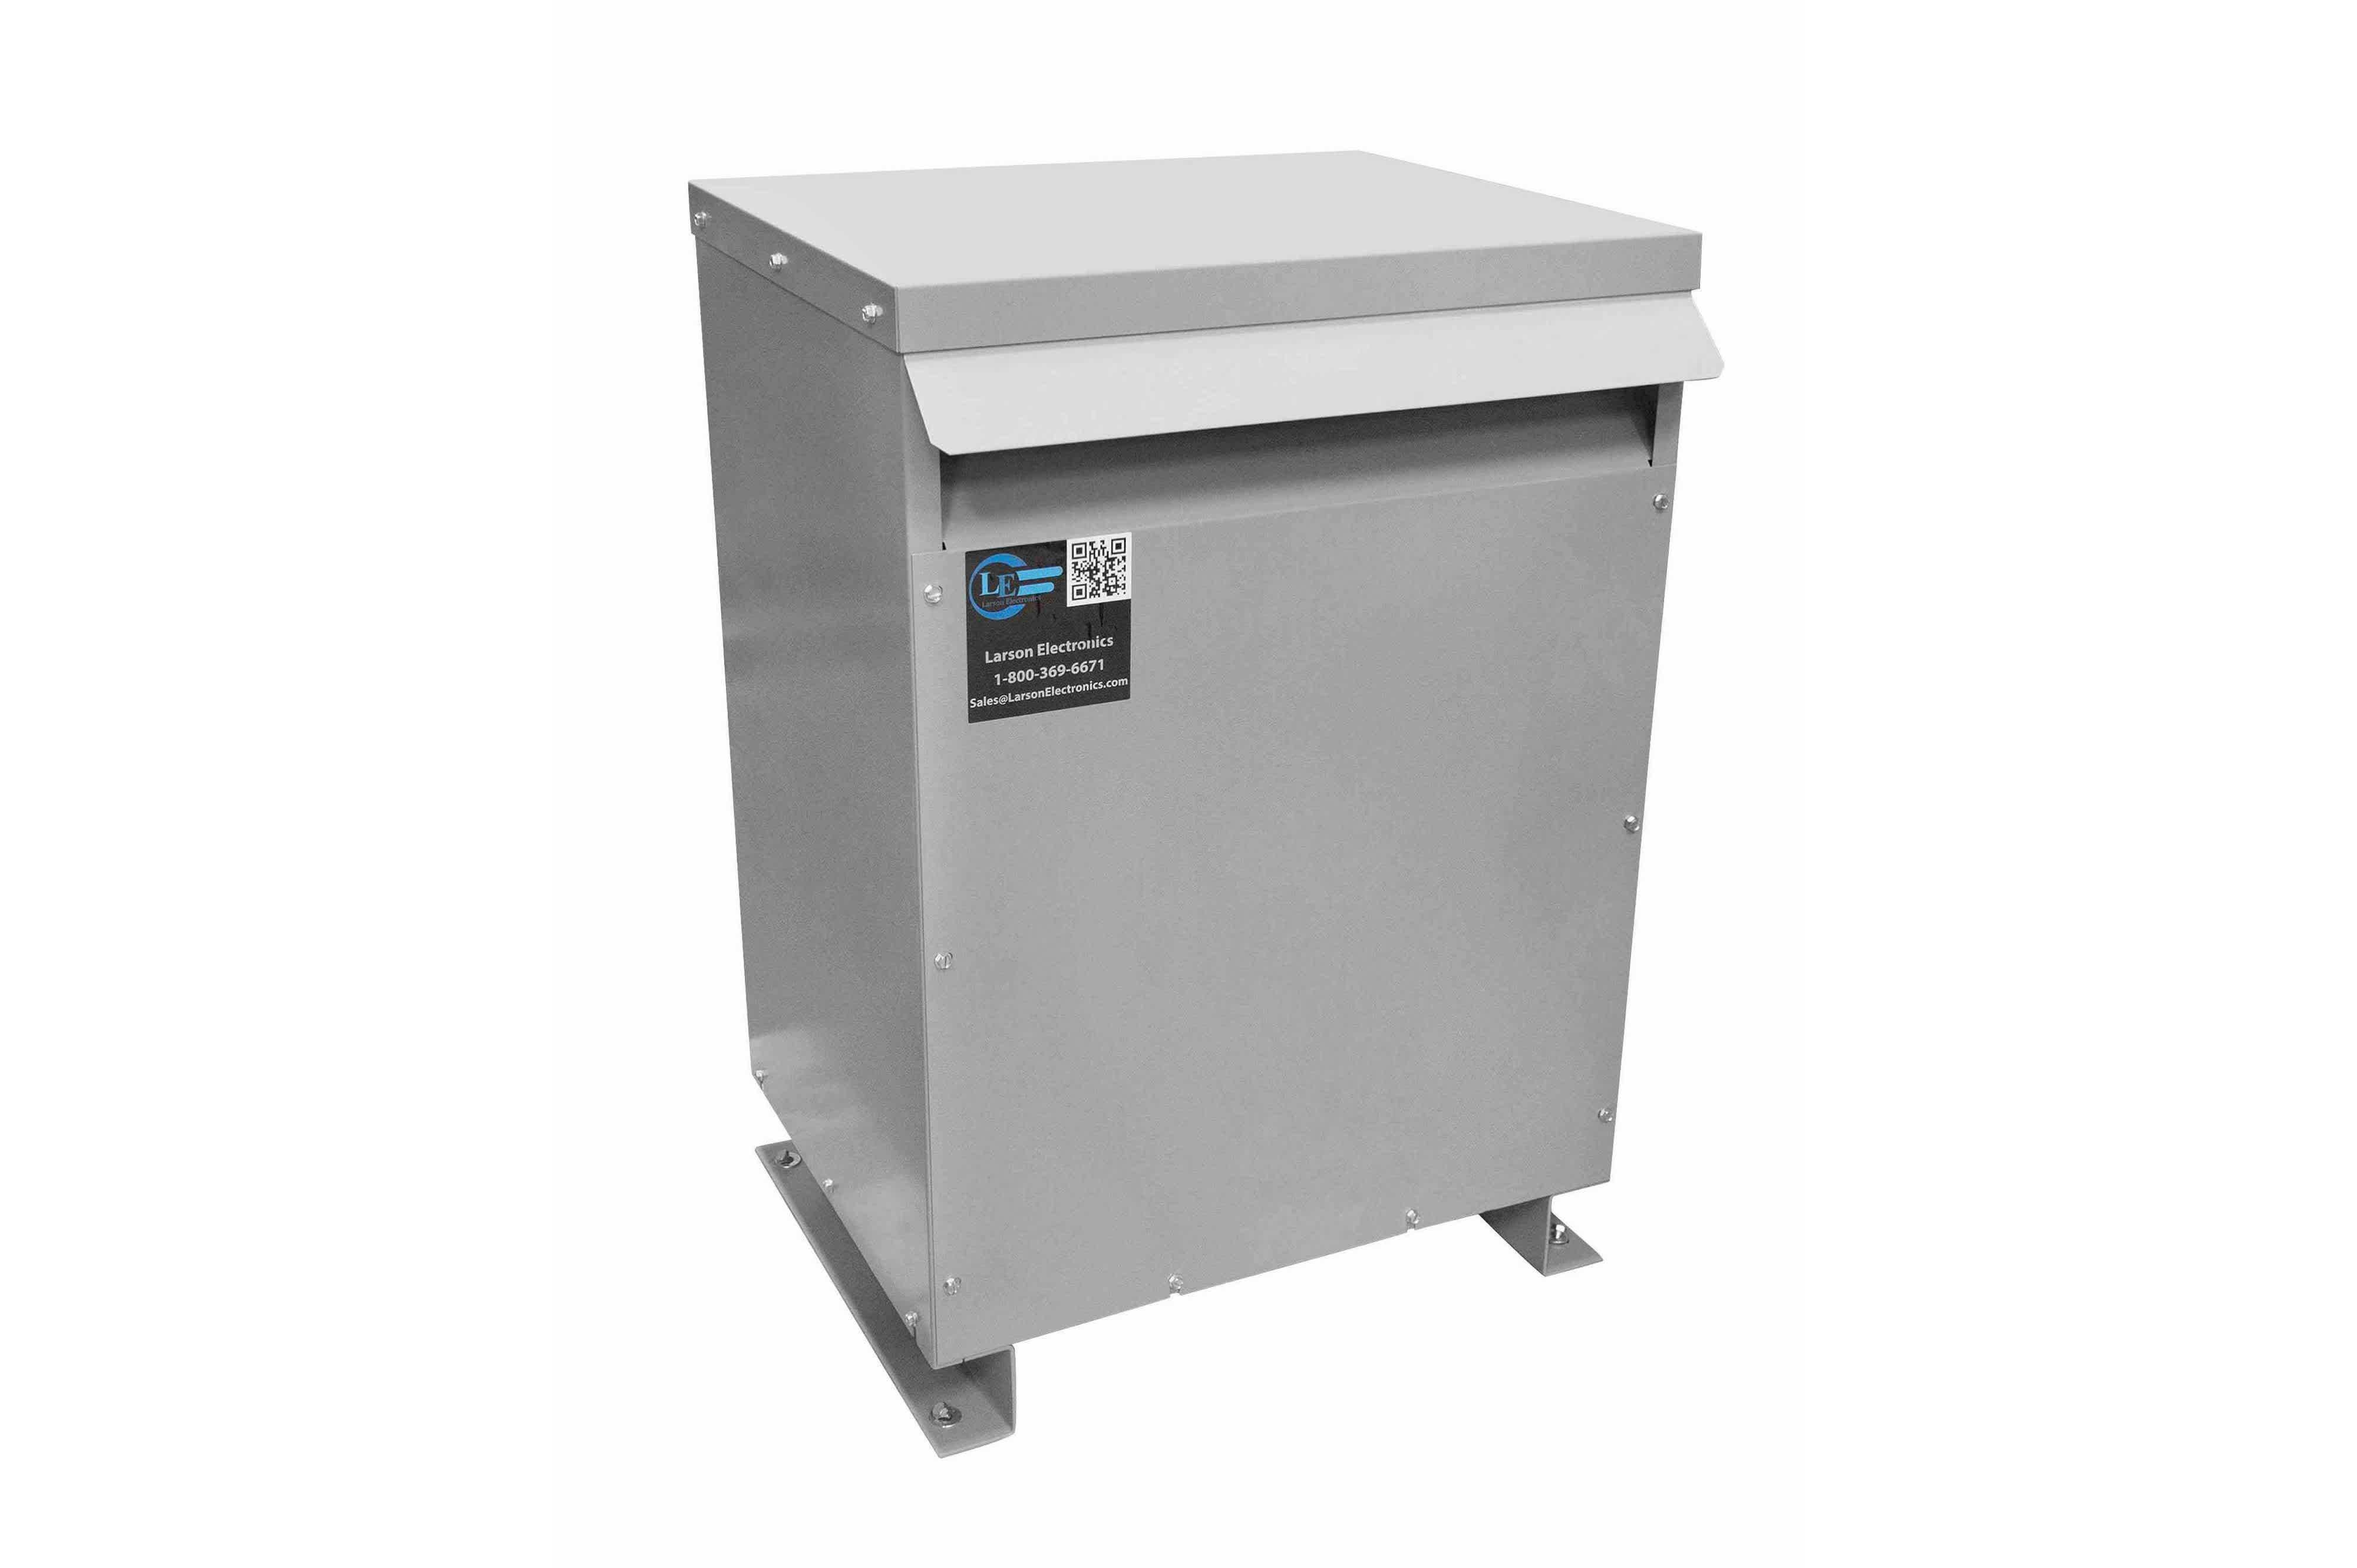 175 kVA 3PH Isolation Transformer, 460V Delta Primary, 208V Delta Secondary, N3R, Ventilated, 60 Hz